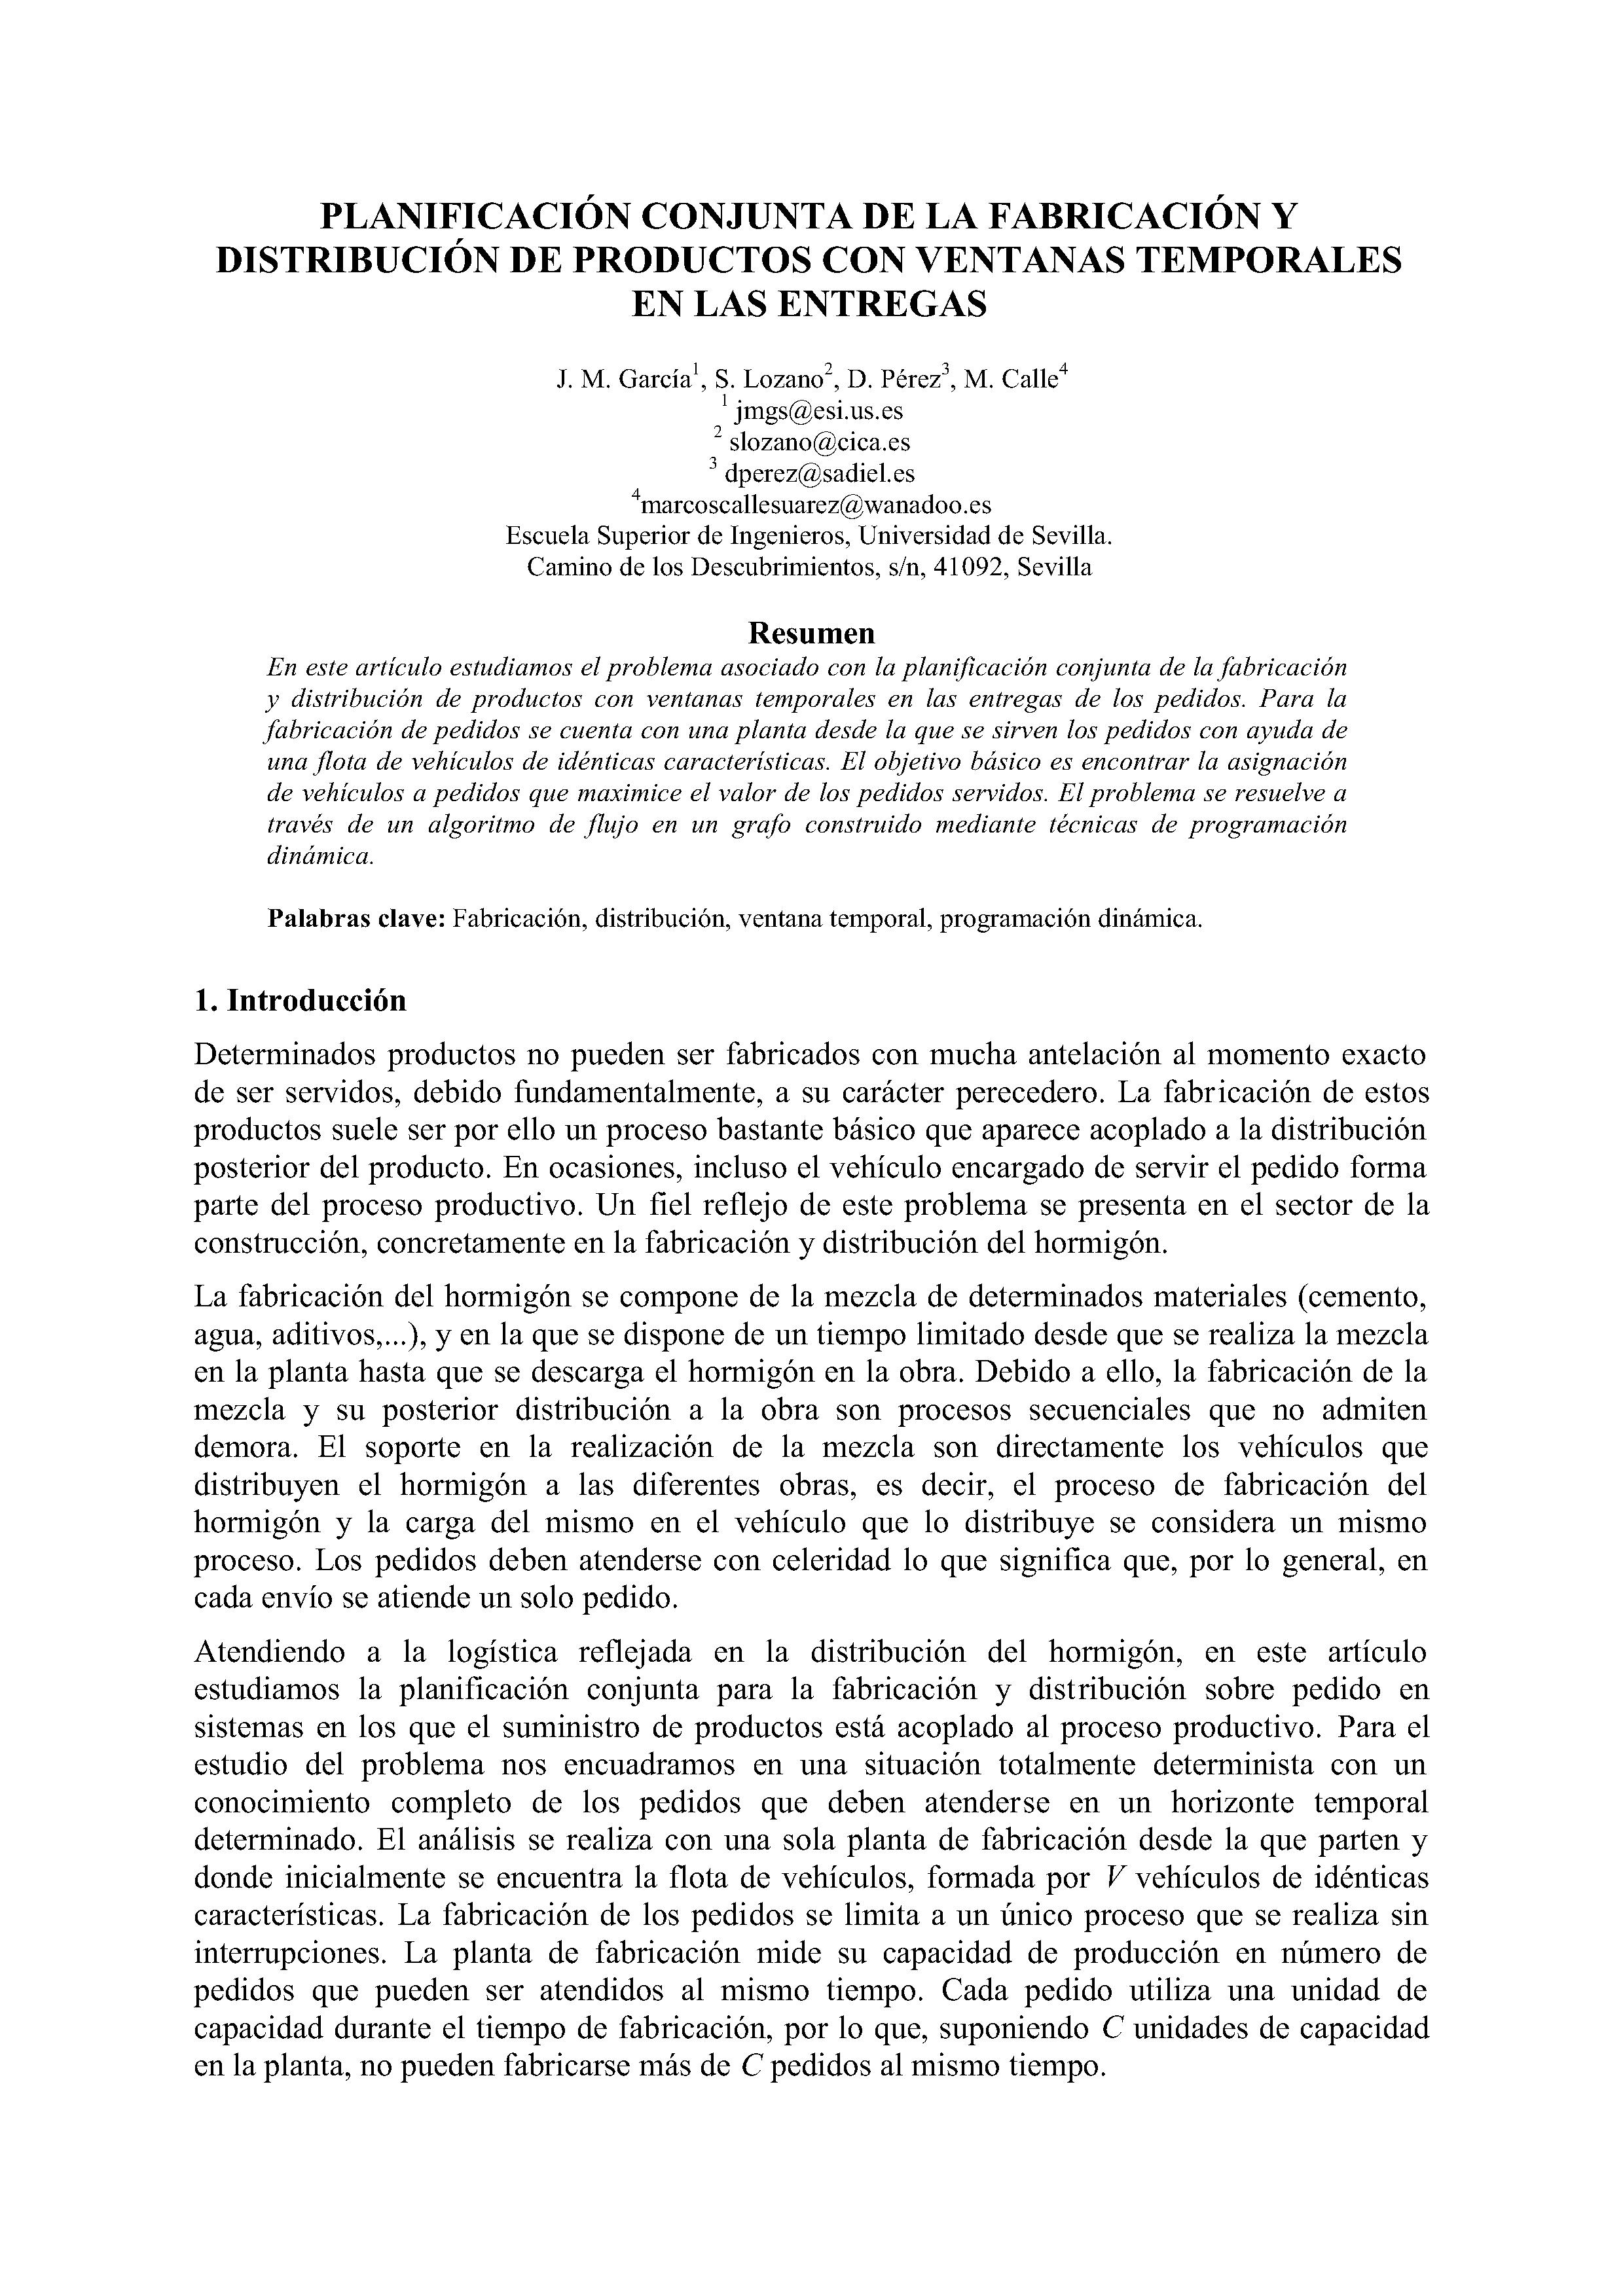 PLANIFICACIÓN CONJUNTA DE LA FABRICACIÓN Y DISTRIBUCIÓN DE PRODUCTOS CON VENTANAS TEMPÓRALES EN LAS ENTREGAS